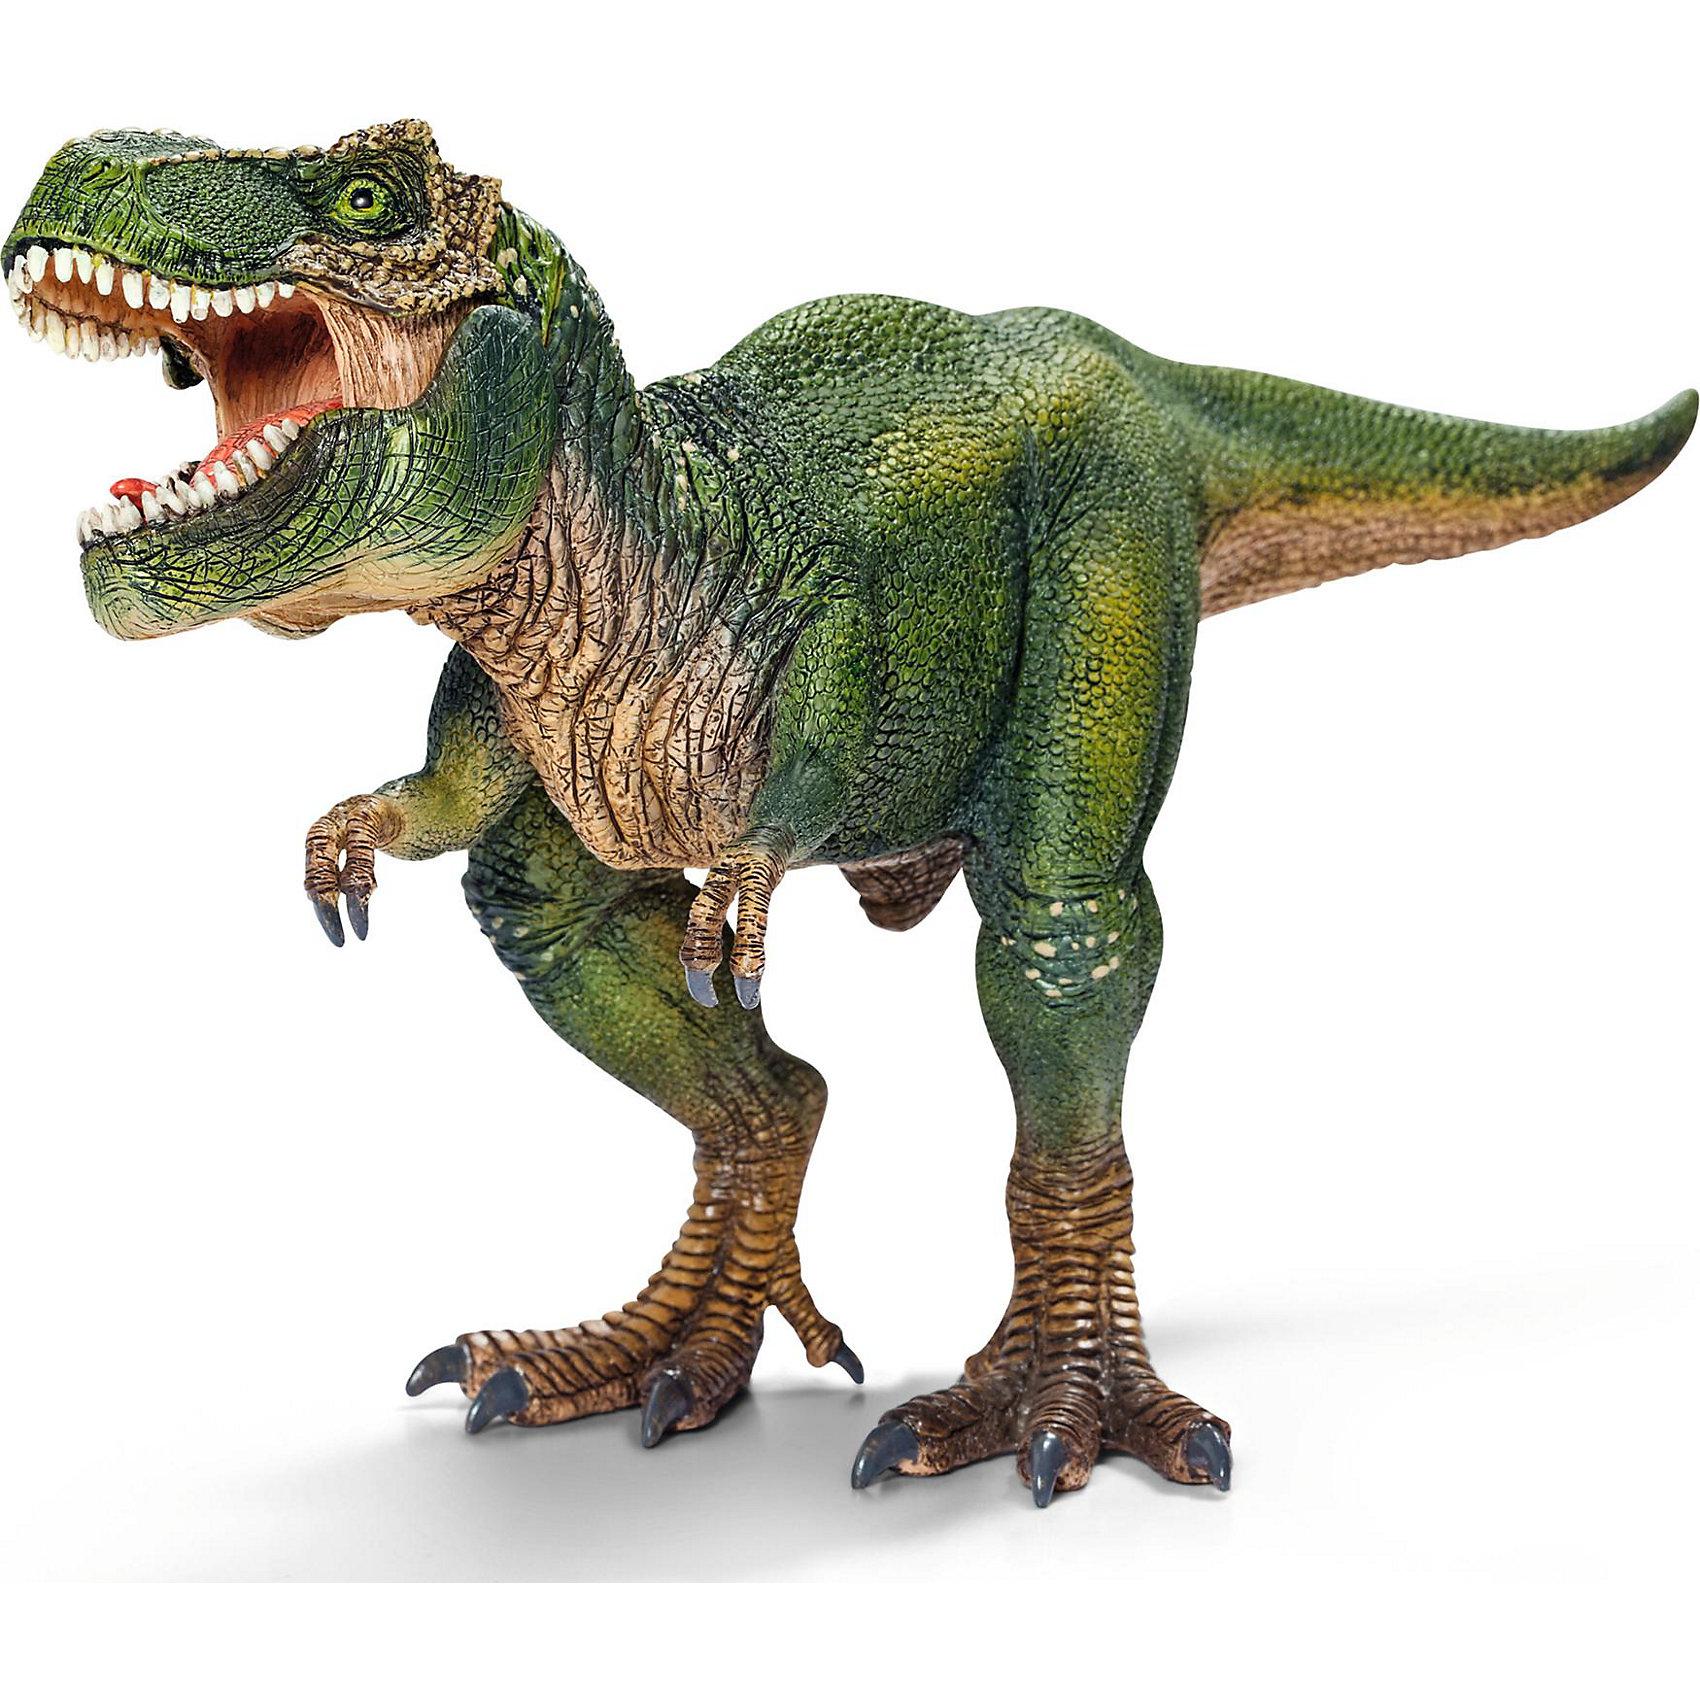 Тиранозавр Рекс, SchleichТираннозавр Рекс — самый крупный из всех известных динозавров. <br><br>Благодаря высокой детализации игрушка дает точную информацию о внешнем виде животного. А подвижная нижняя челюсть у этой фигурки динозавра предоставляет еще больше игровых возможностей.<br><br>Тираннозавр Рекс — самый известный ящер-титан. Именно его чаще всего делают героем фильмов про динозавров. И хотя его скорость бега равна человеческой, но от столь искусного хищника не могли защититься даже другие динозавры. Тираннозавр Рекс без труда передвигался на задних лапах, имел самый сильный укус и питался плотью существ, живших в последней четверти мелового периода. А свой огромный и тяжелый хвост он использовал и как средство защиты, и как балансир при перемещении.<br><br>Дополнительная информация:<br><br>- Крупный размер: 28,0 ? 9,5 ? 14,0 см<br>- Высокая степень детализации<br>- Игрушка имеет подвижную нижнюю челюсть!<br>- Материал: каучуковый пластик<br><br>Тираннозавра Рекс, Schleich (Шляйх) можно купить в нашем магазине.<br><br>Ширина мм: 268<br>Глубина мм: 144<br>Высота мм: 96<br>Вес г: 295<br>Возраст от месяцев: 36<br>Возраст до месяцев: 96<br>Пол: Мужской<br>Возраст: Детский<br>SKU: 2445907